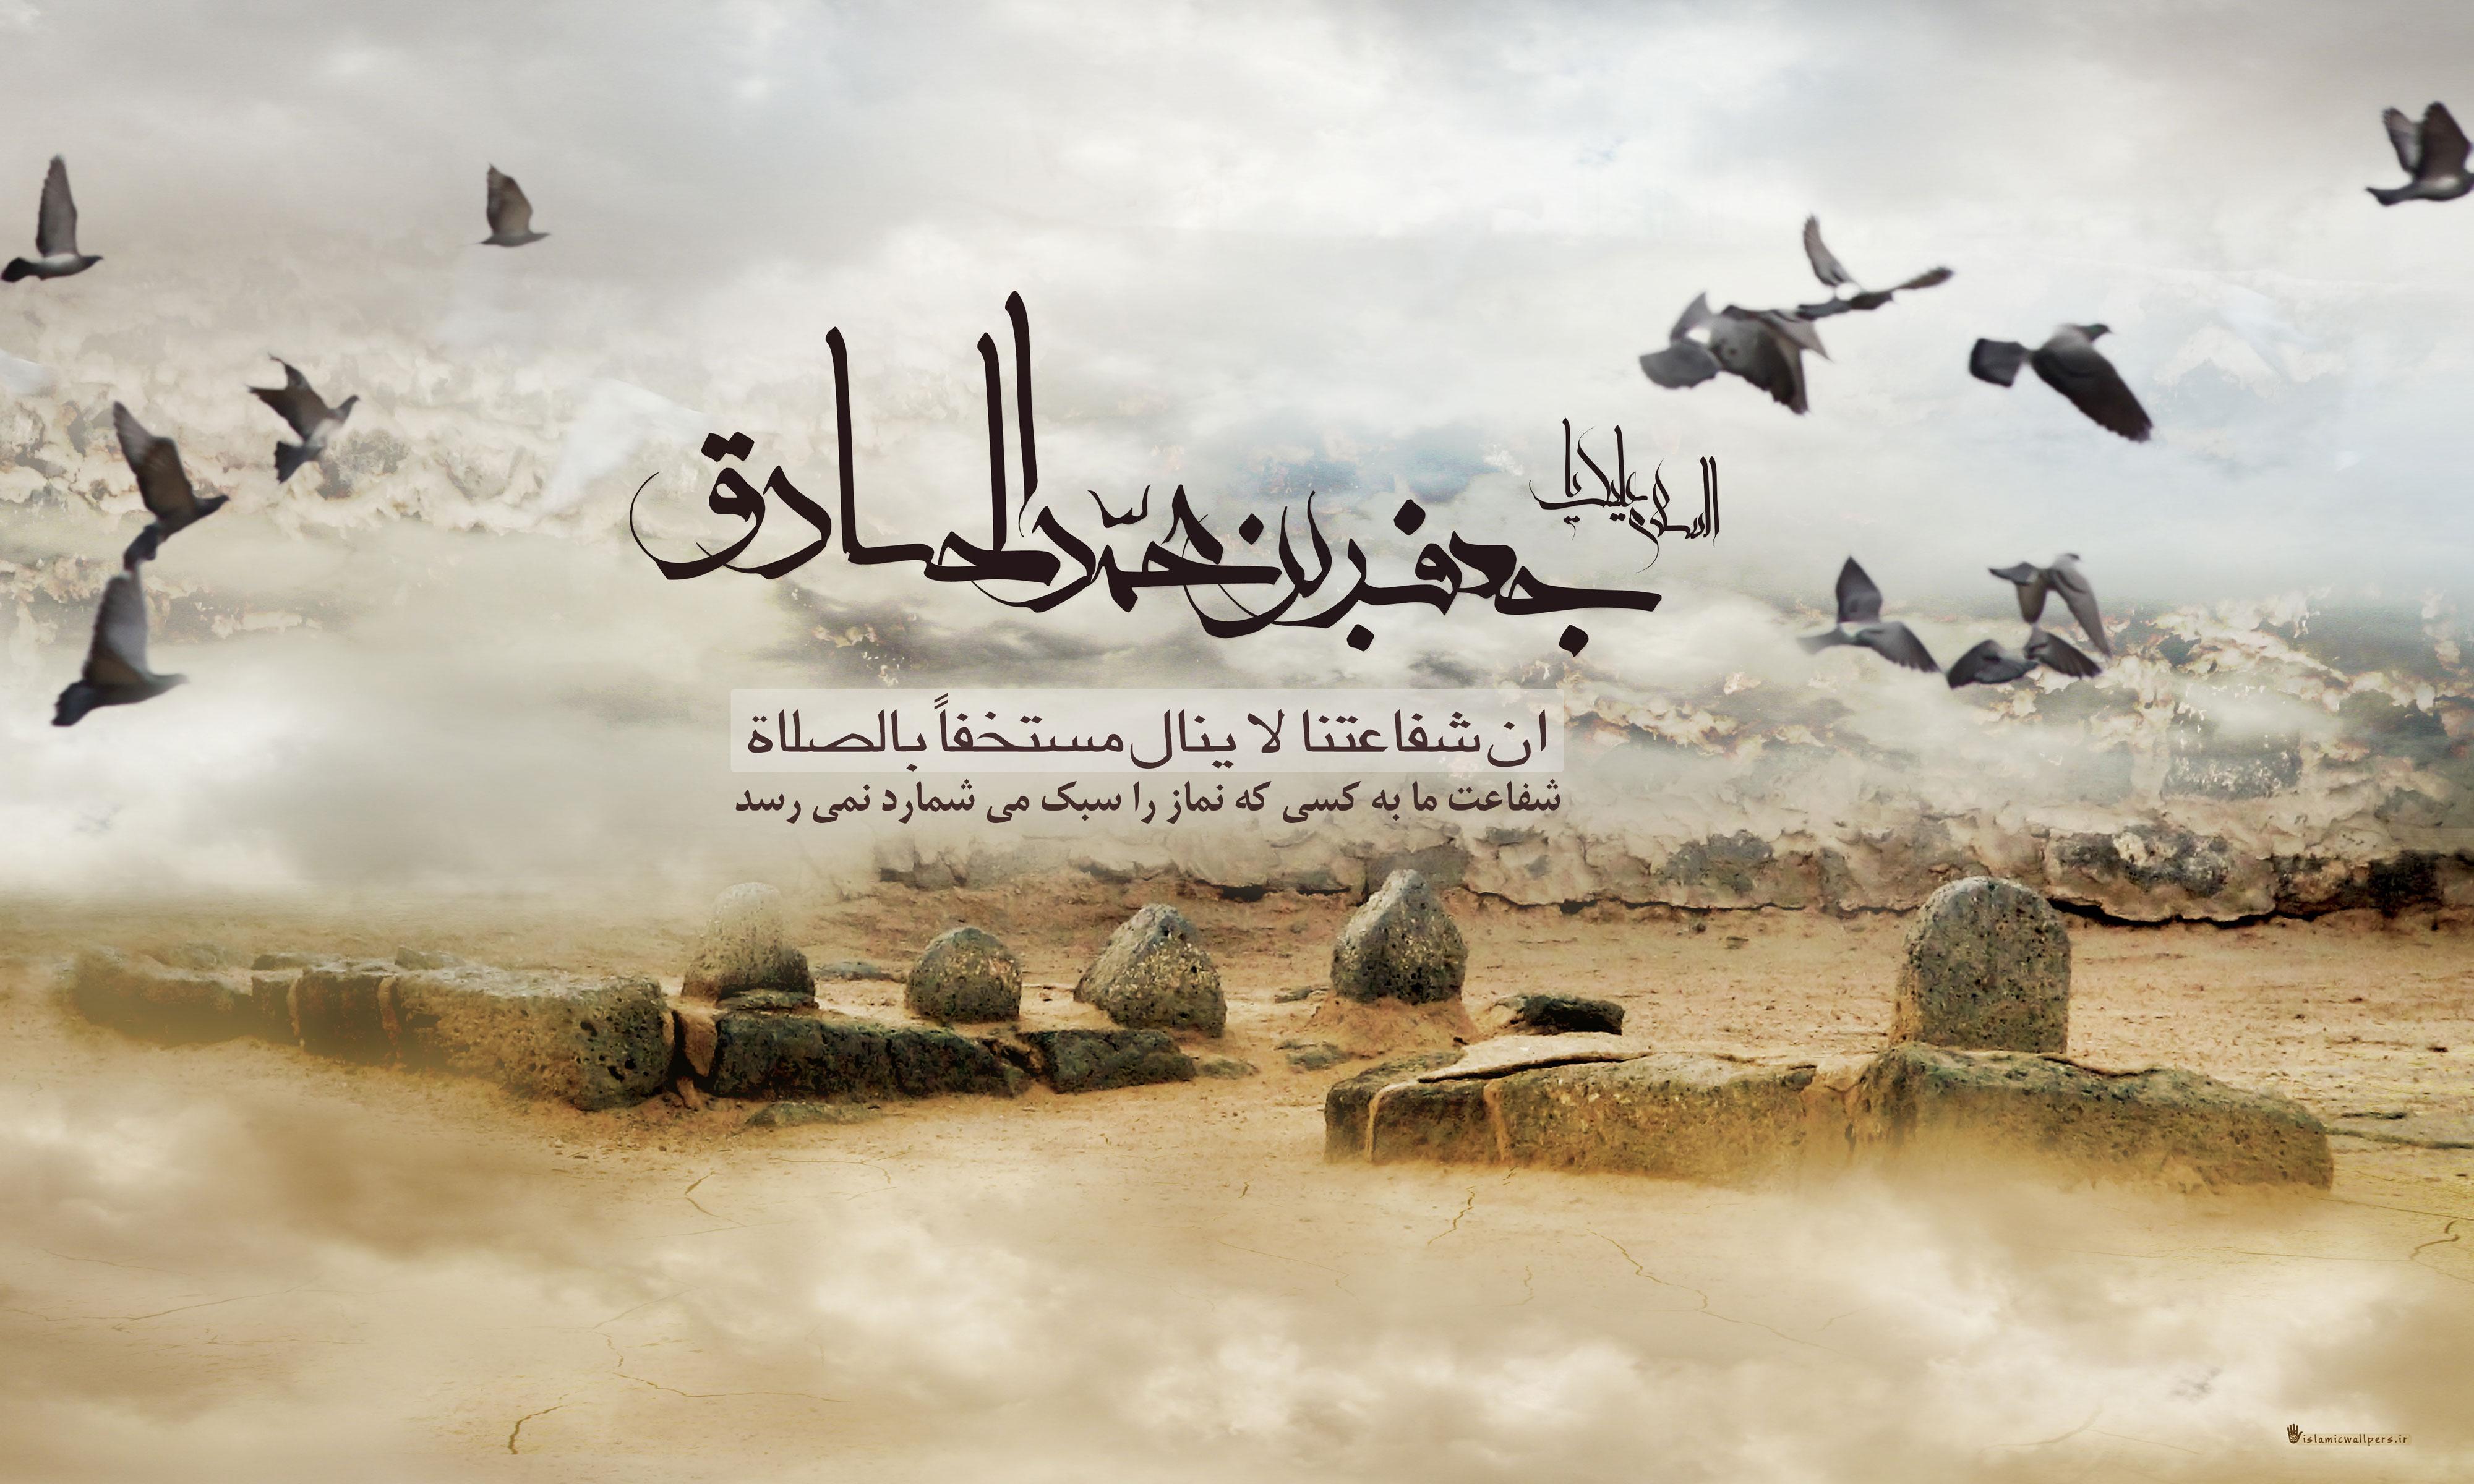 شهادت امام صادق . تصاویر   پوستر و تصاویر باکیفیت ویژه شهادت امام صادق (ع)  sh